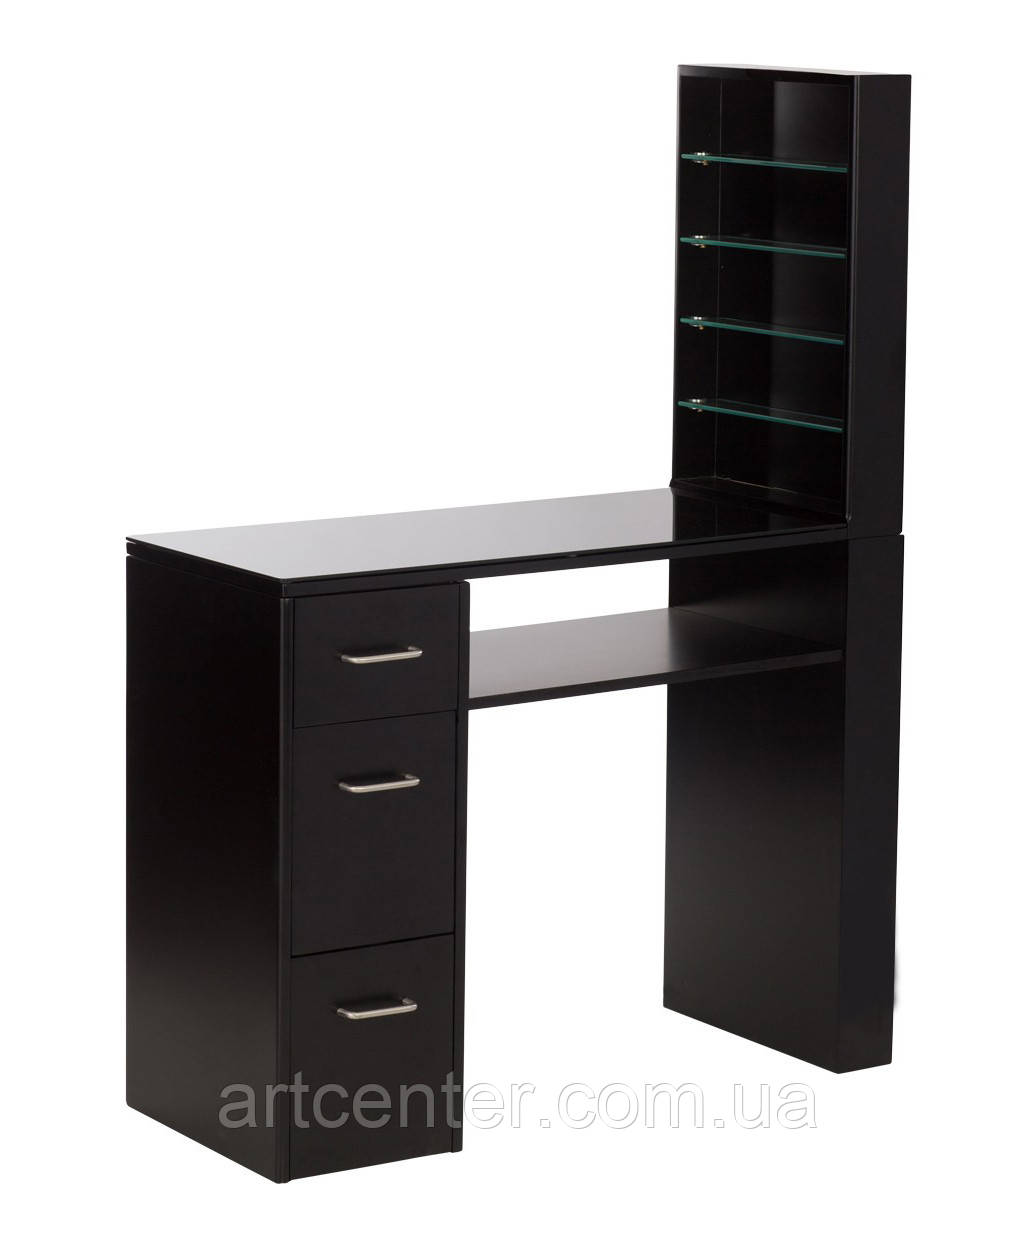 Маникюрный стол с витриной для лаков, черного цвета